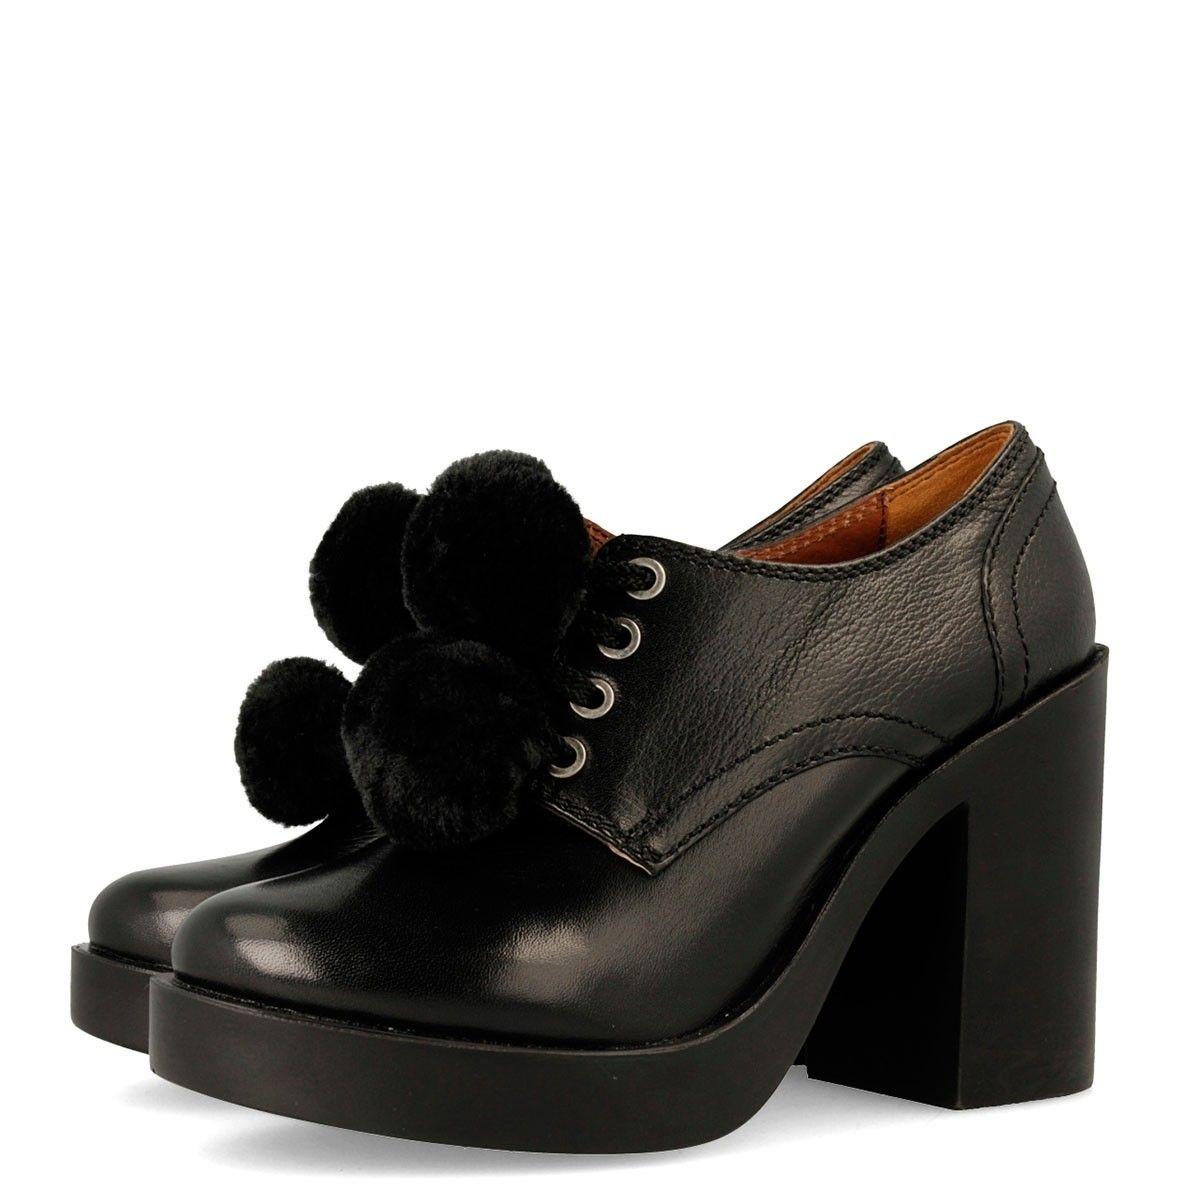 Mocasines de piel negra con tacón alto y detalles de pompones de pelo para  mujer 42105